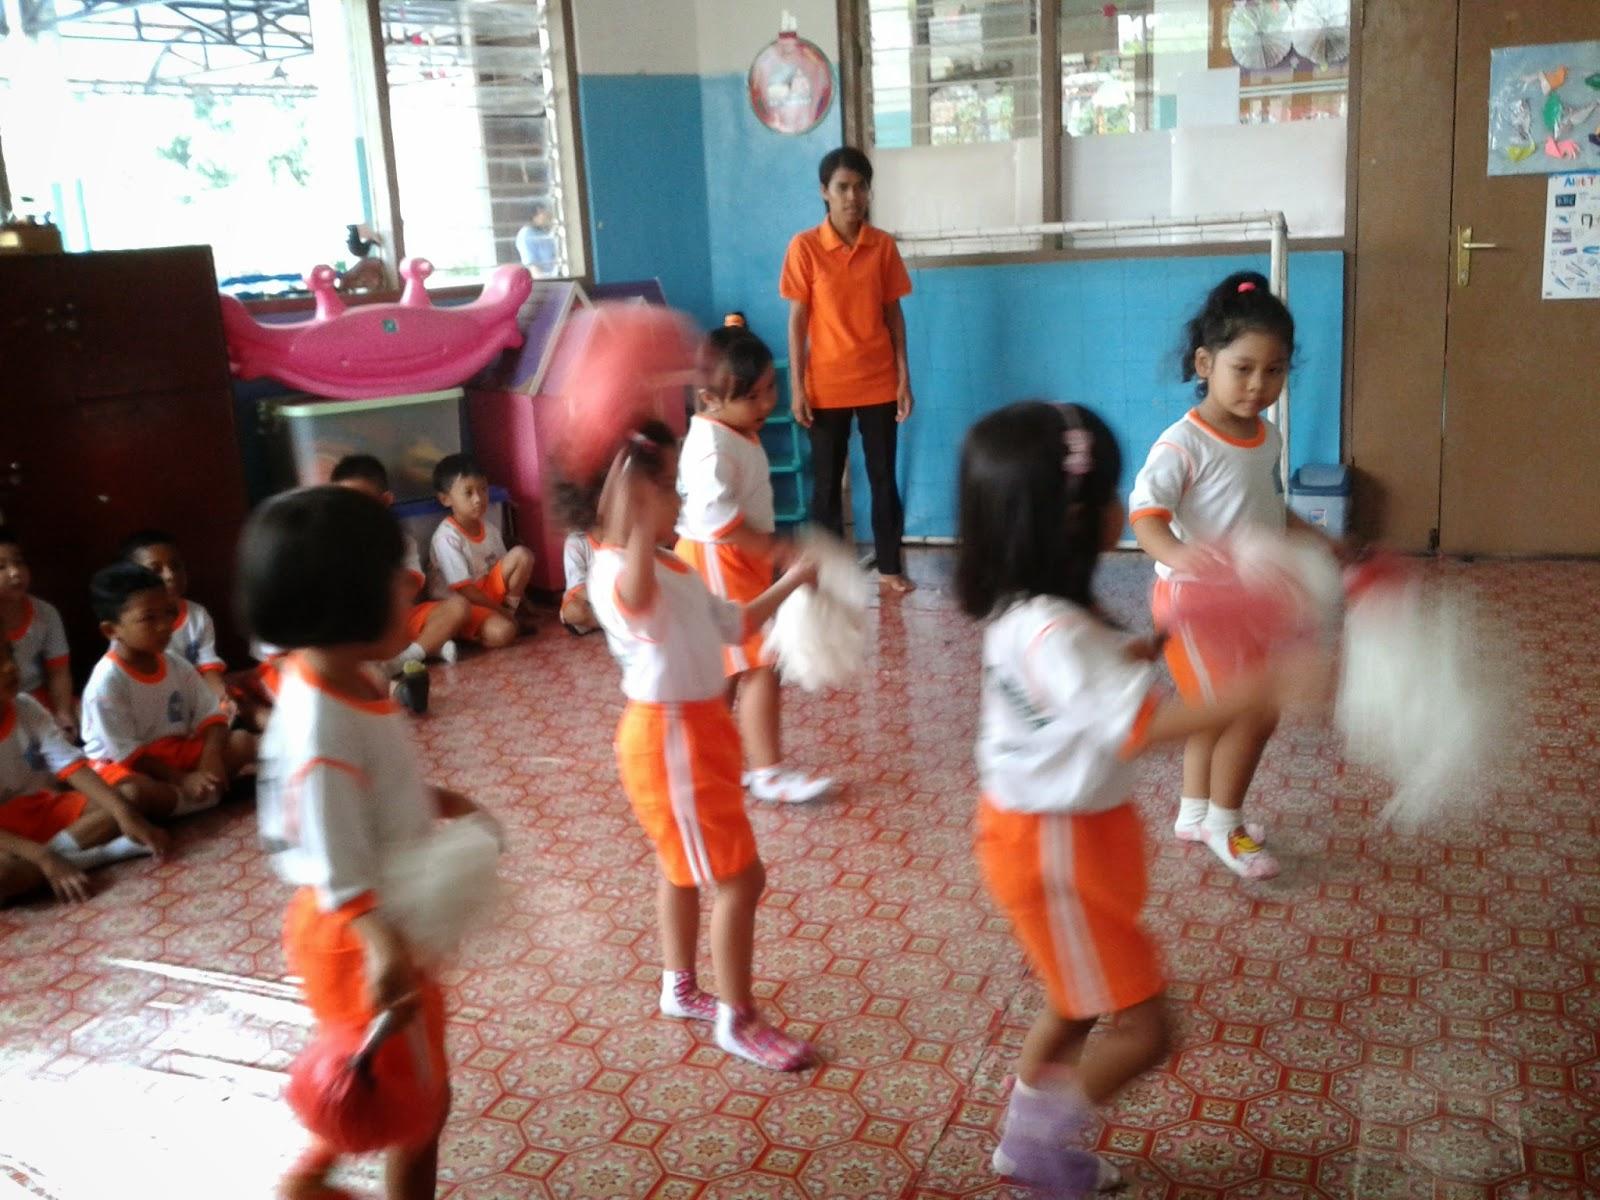 setelah kelas menari selesai anak anak minum terlebih dahulu baru masuk ke kelas nah anak anak langsung diberikan tugas mewarnai lagi dengan crayon